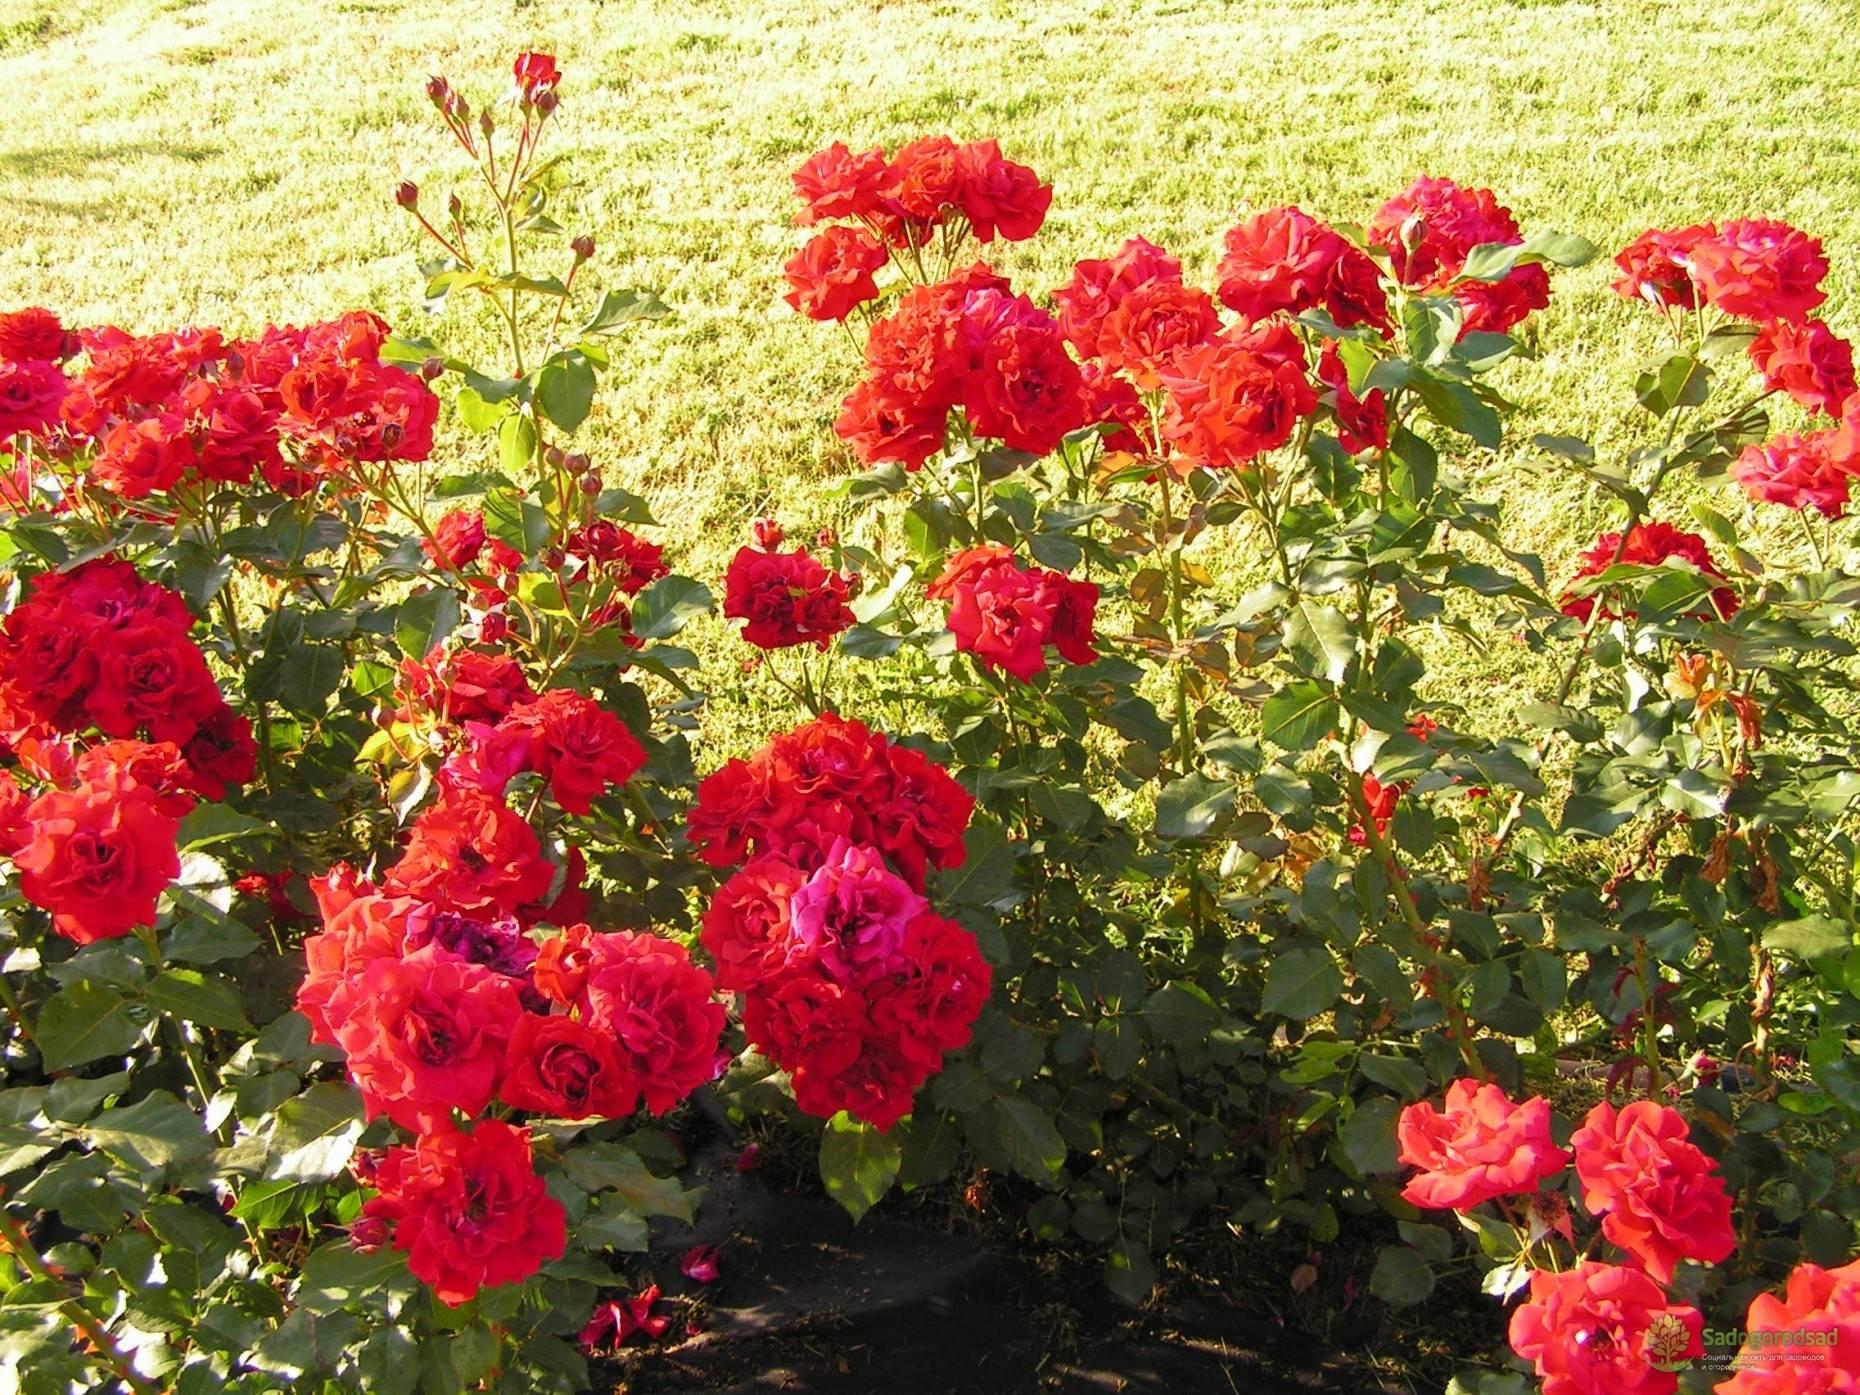 Роза «нина вейбул» (27 фото): описание и размножение сорта «нина вейбул», отзывы